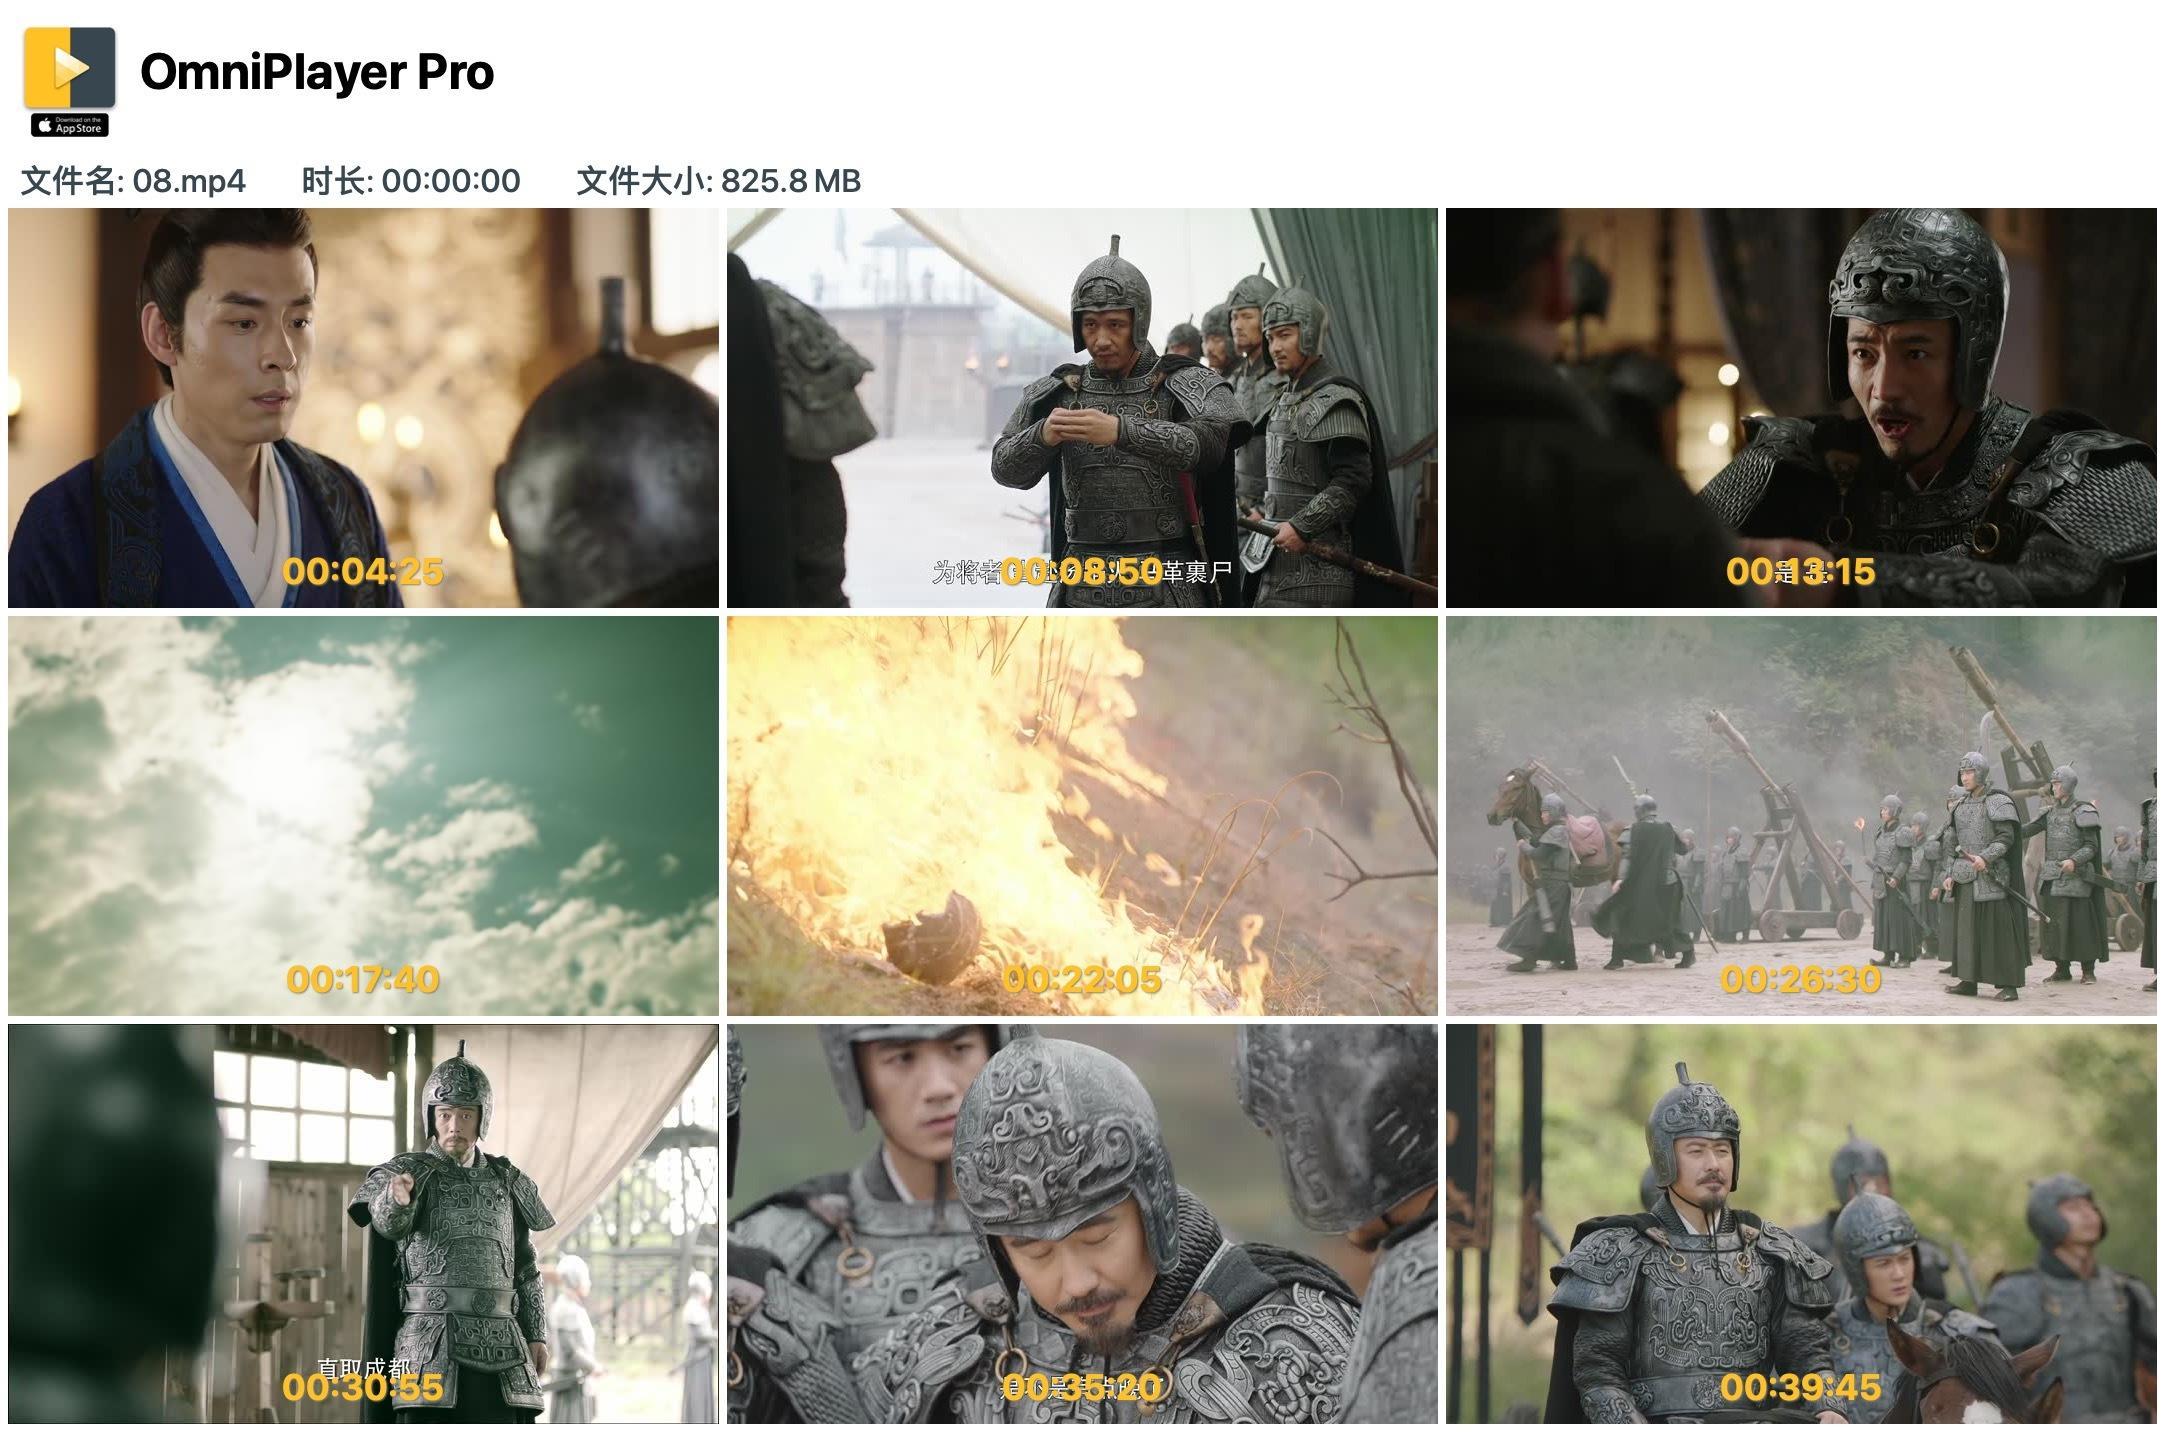 大军师司马懿之军师联盟、虎啸龙吟 1080P 超清分享的图片-高老四博客 第1张